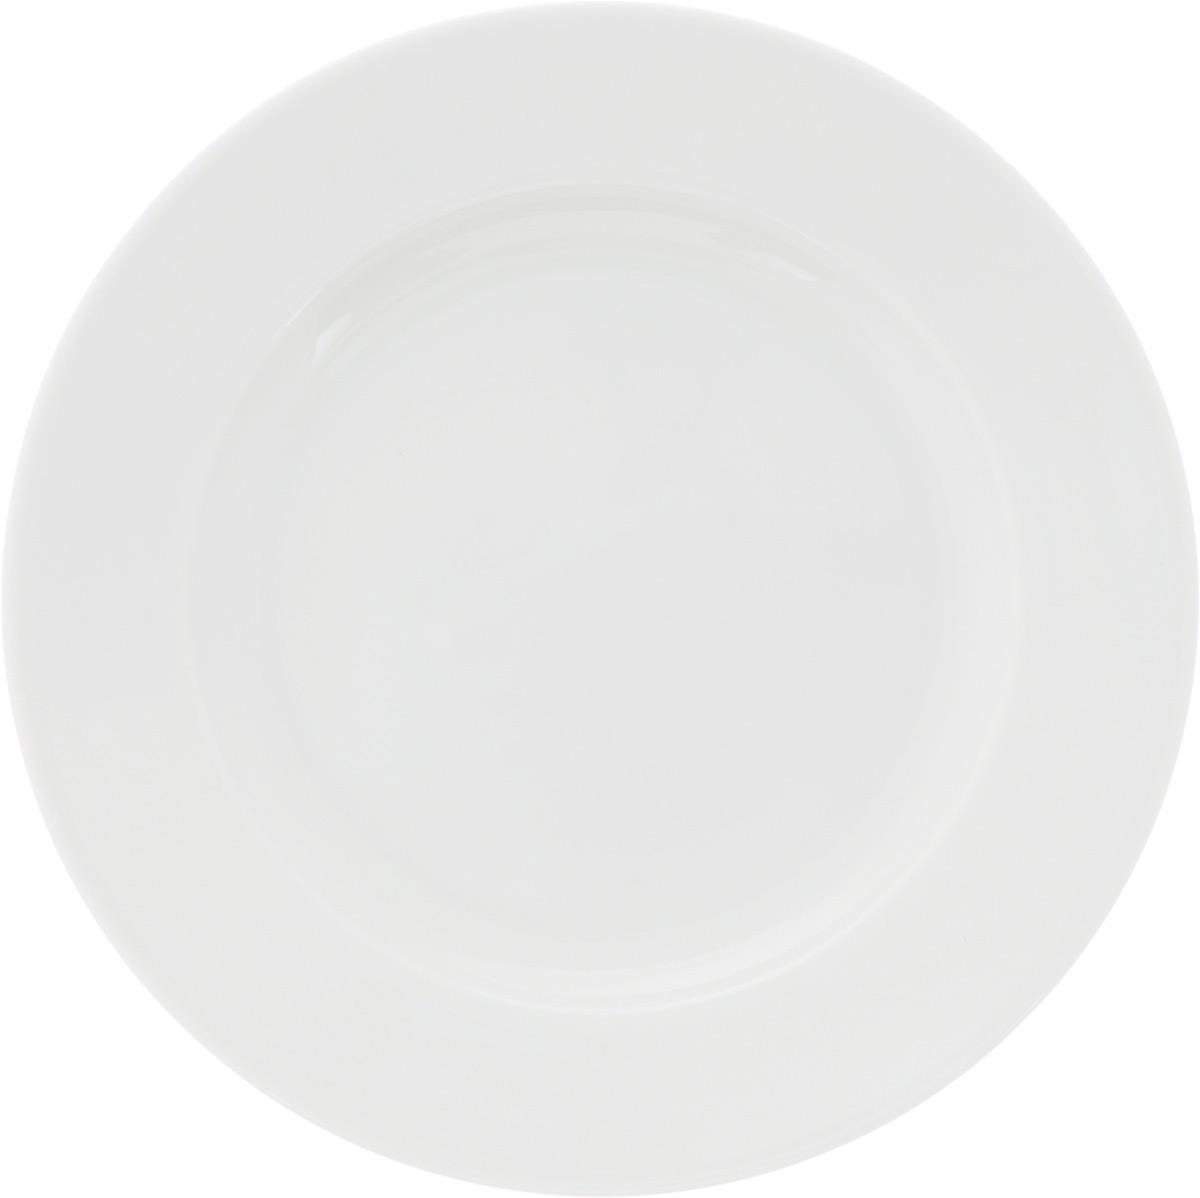 Тарелка мелкая Ariane Прайм, диаметр 17 смAPRARN11017Мелкая тарелка Ariane Прайм, изготовленная из высококачественного фарфора, имеет классическую круглую форму. Такая тарелка прекрасно подходит как для торжественных случаев, так и для повседневного использования. Идеальна для подачи десертов, пирожных, тортов и многого другого. Она прекрасно оформит стол и станет отличным дополнением к вашей коллекции кухонной посуды.Можно мыть в посудомоечной машине и использовать в микроволновой печи. Высота: 2 см.Диаметр тарелки: 17 см.